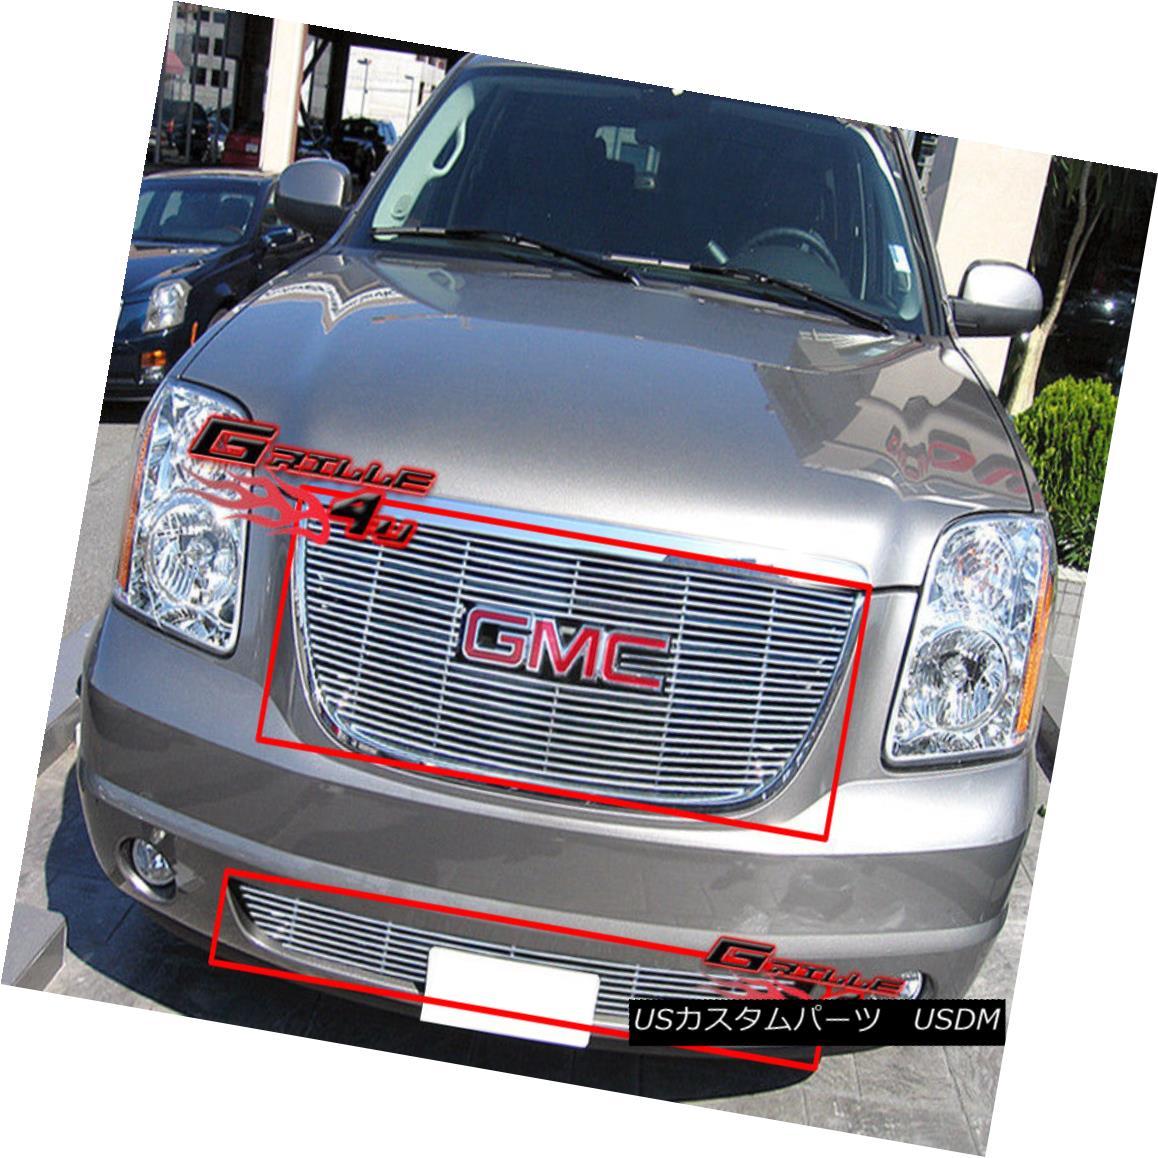 グリル Fits 2007-2013 GMC Yukon Billet Grille Grill Insert Combo 2007-2013 GMC Yukon Billetグリルグリルインサートコンボ